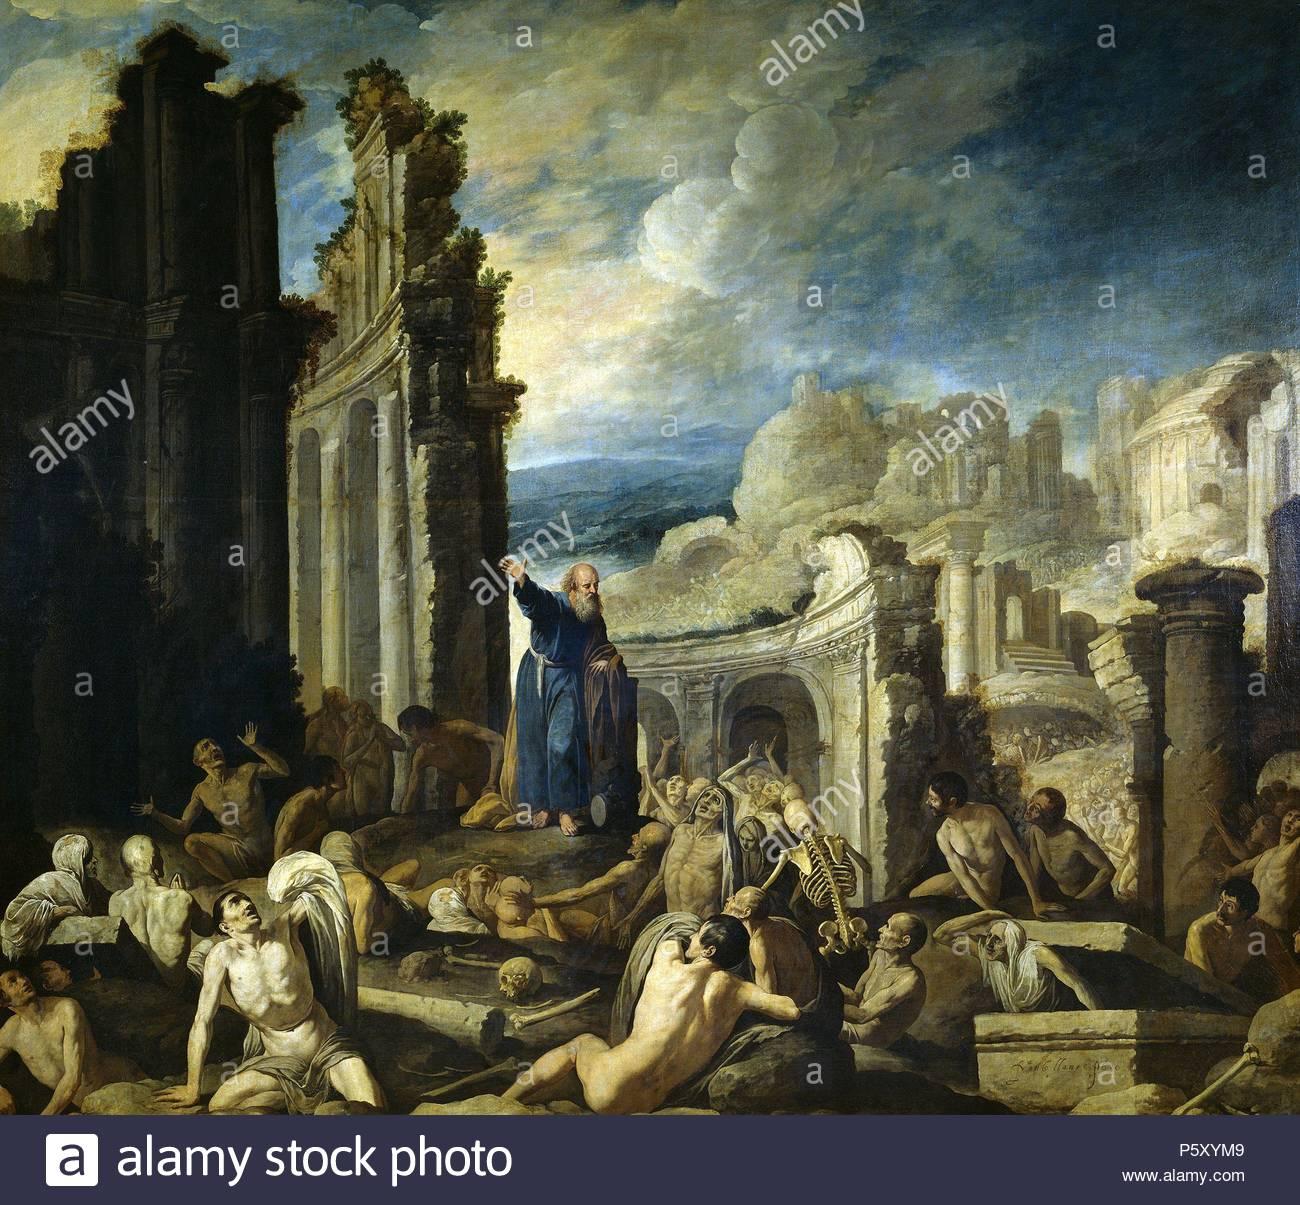 Francisco Collantes / 'The Vision of Saint Ezechiel', 1630, Spanish School, Oil on canvas, 177 cm x 205 cm, P00666. Artwork also known as: Visión de Ezequiel: la resurrección de la carne. Museum: MUSEO DEL PRADO. - Stock Image